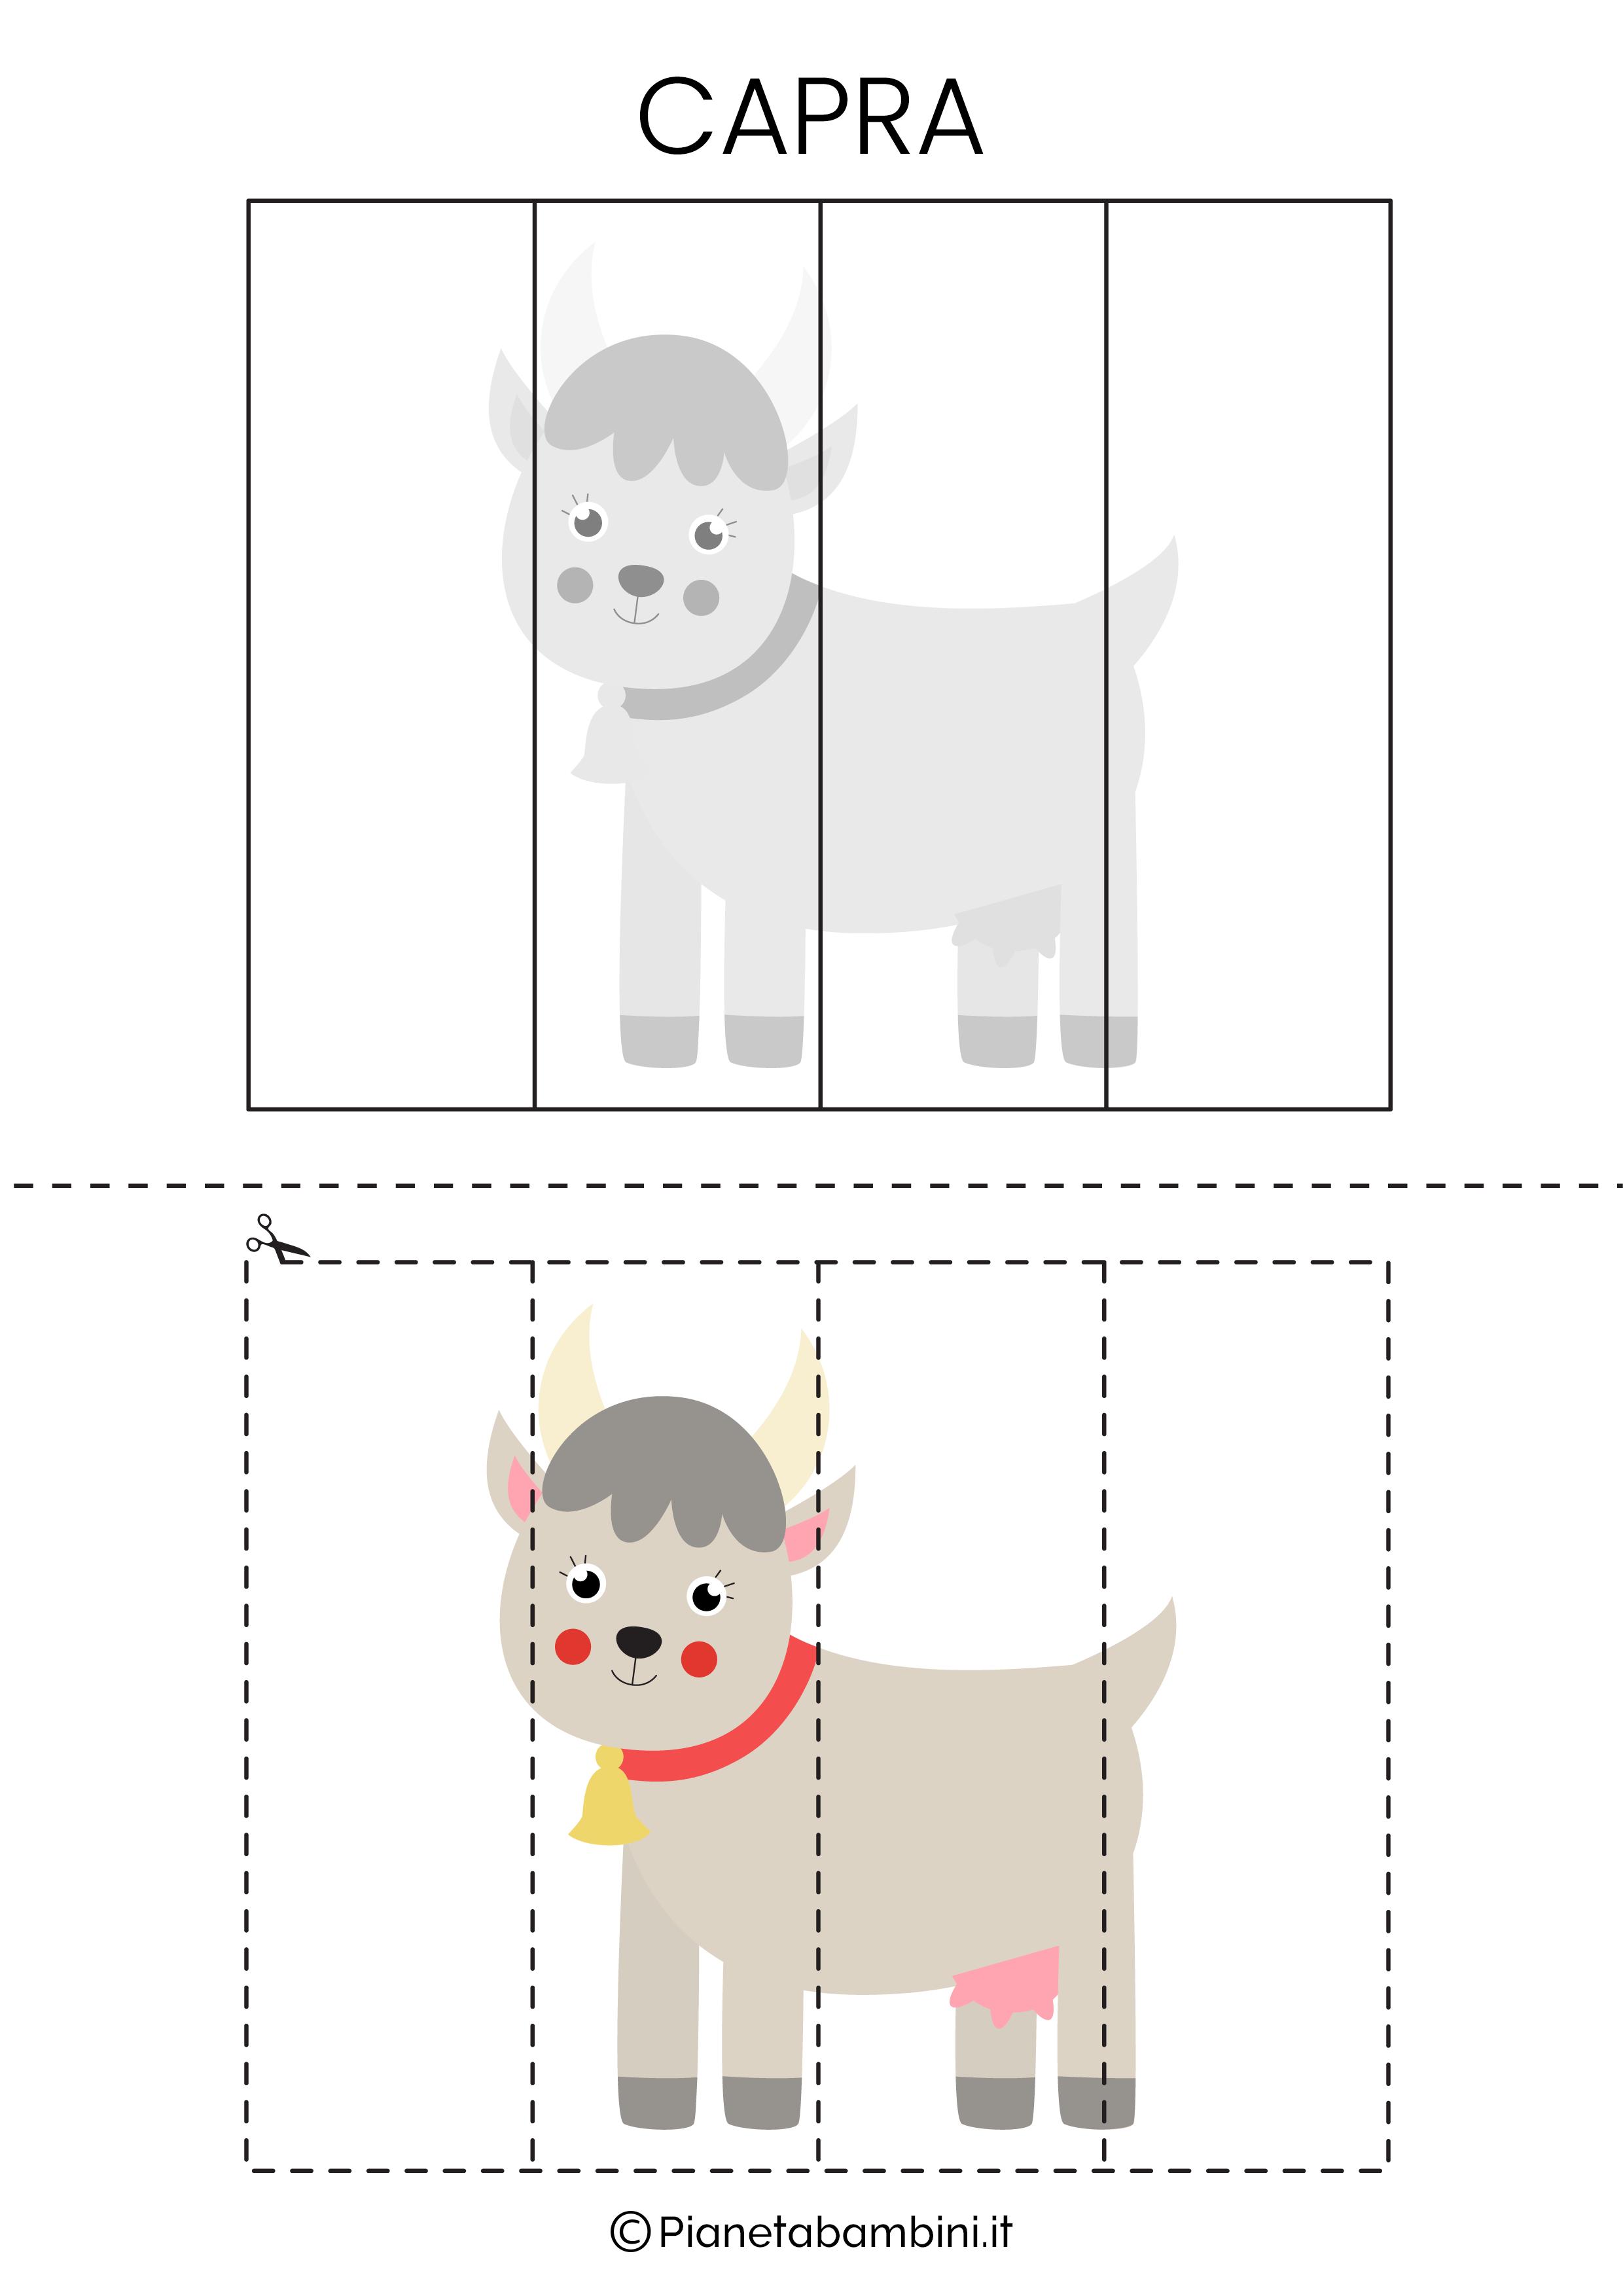 Puzzle della capra da 4 pezzi da ritagliare e ricomporre